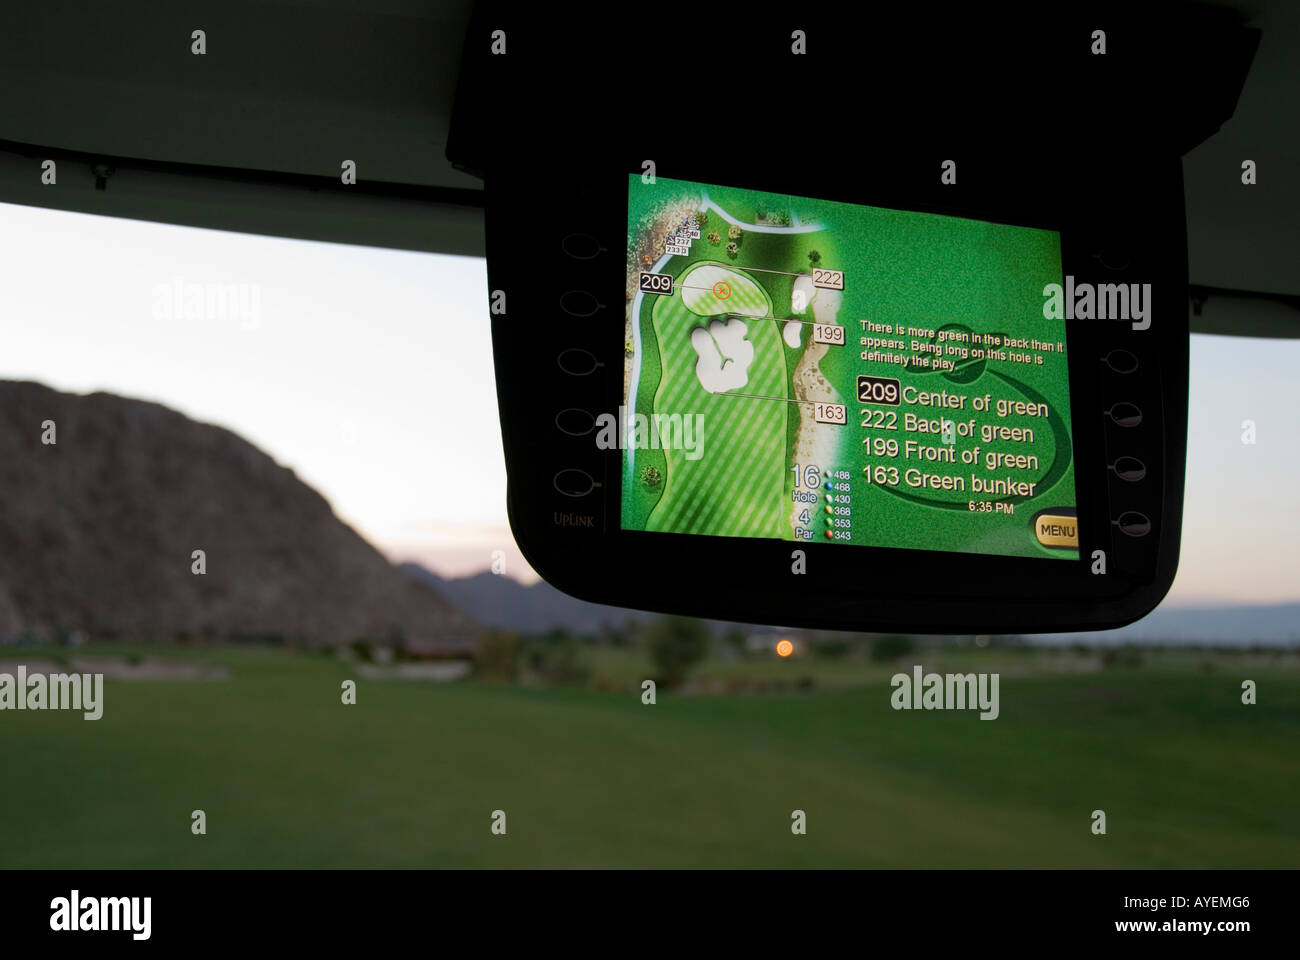 Golf Gps Entfernungsmesser : Gps golfuhr in golfentfernungsmesser günstig kaufen ebay